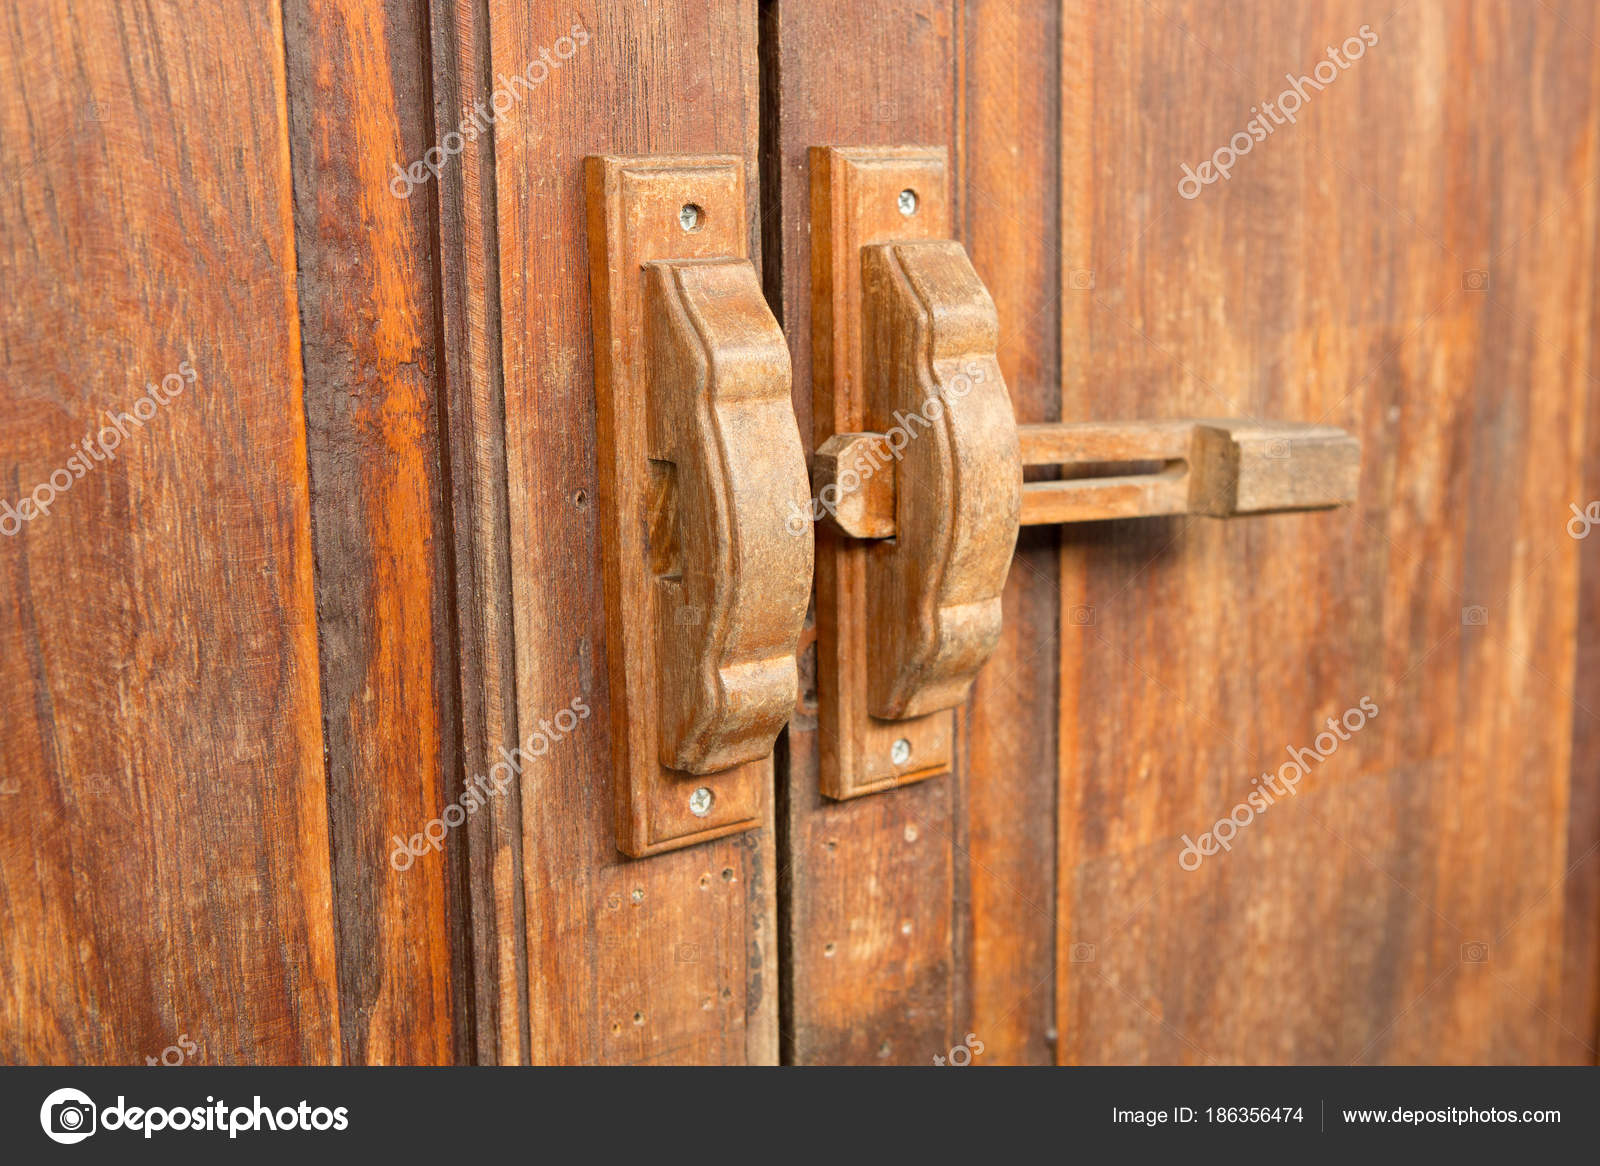 Asi ticas viejas cerraduras de puerta de madera y cierre de madera fotos de stock bill45 - Cerraduras para puertas de madera precios ...